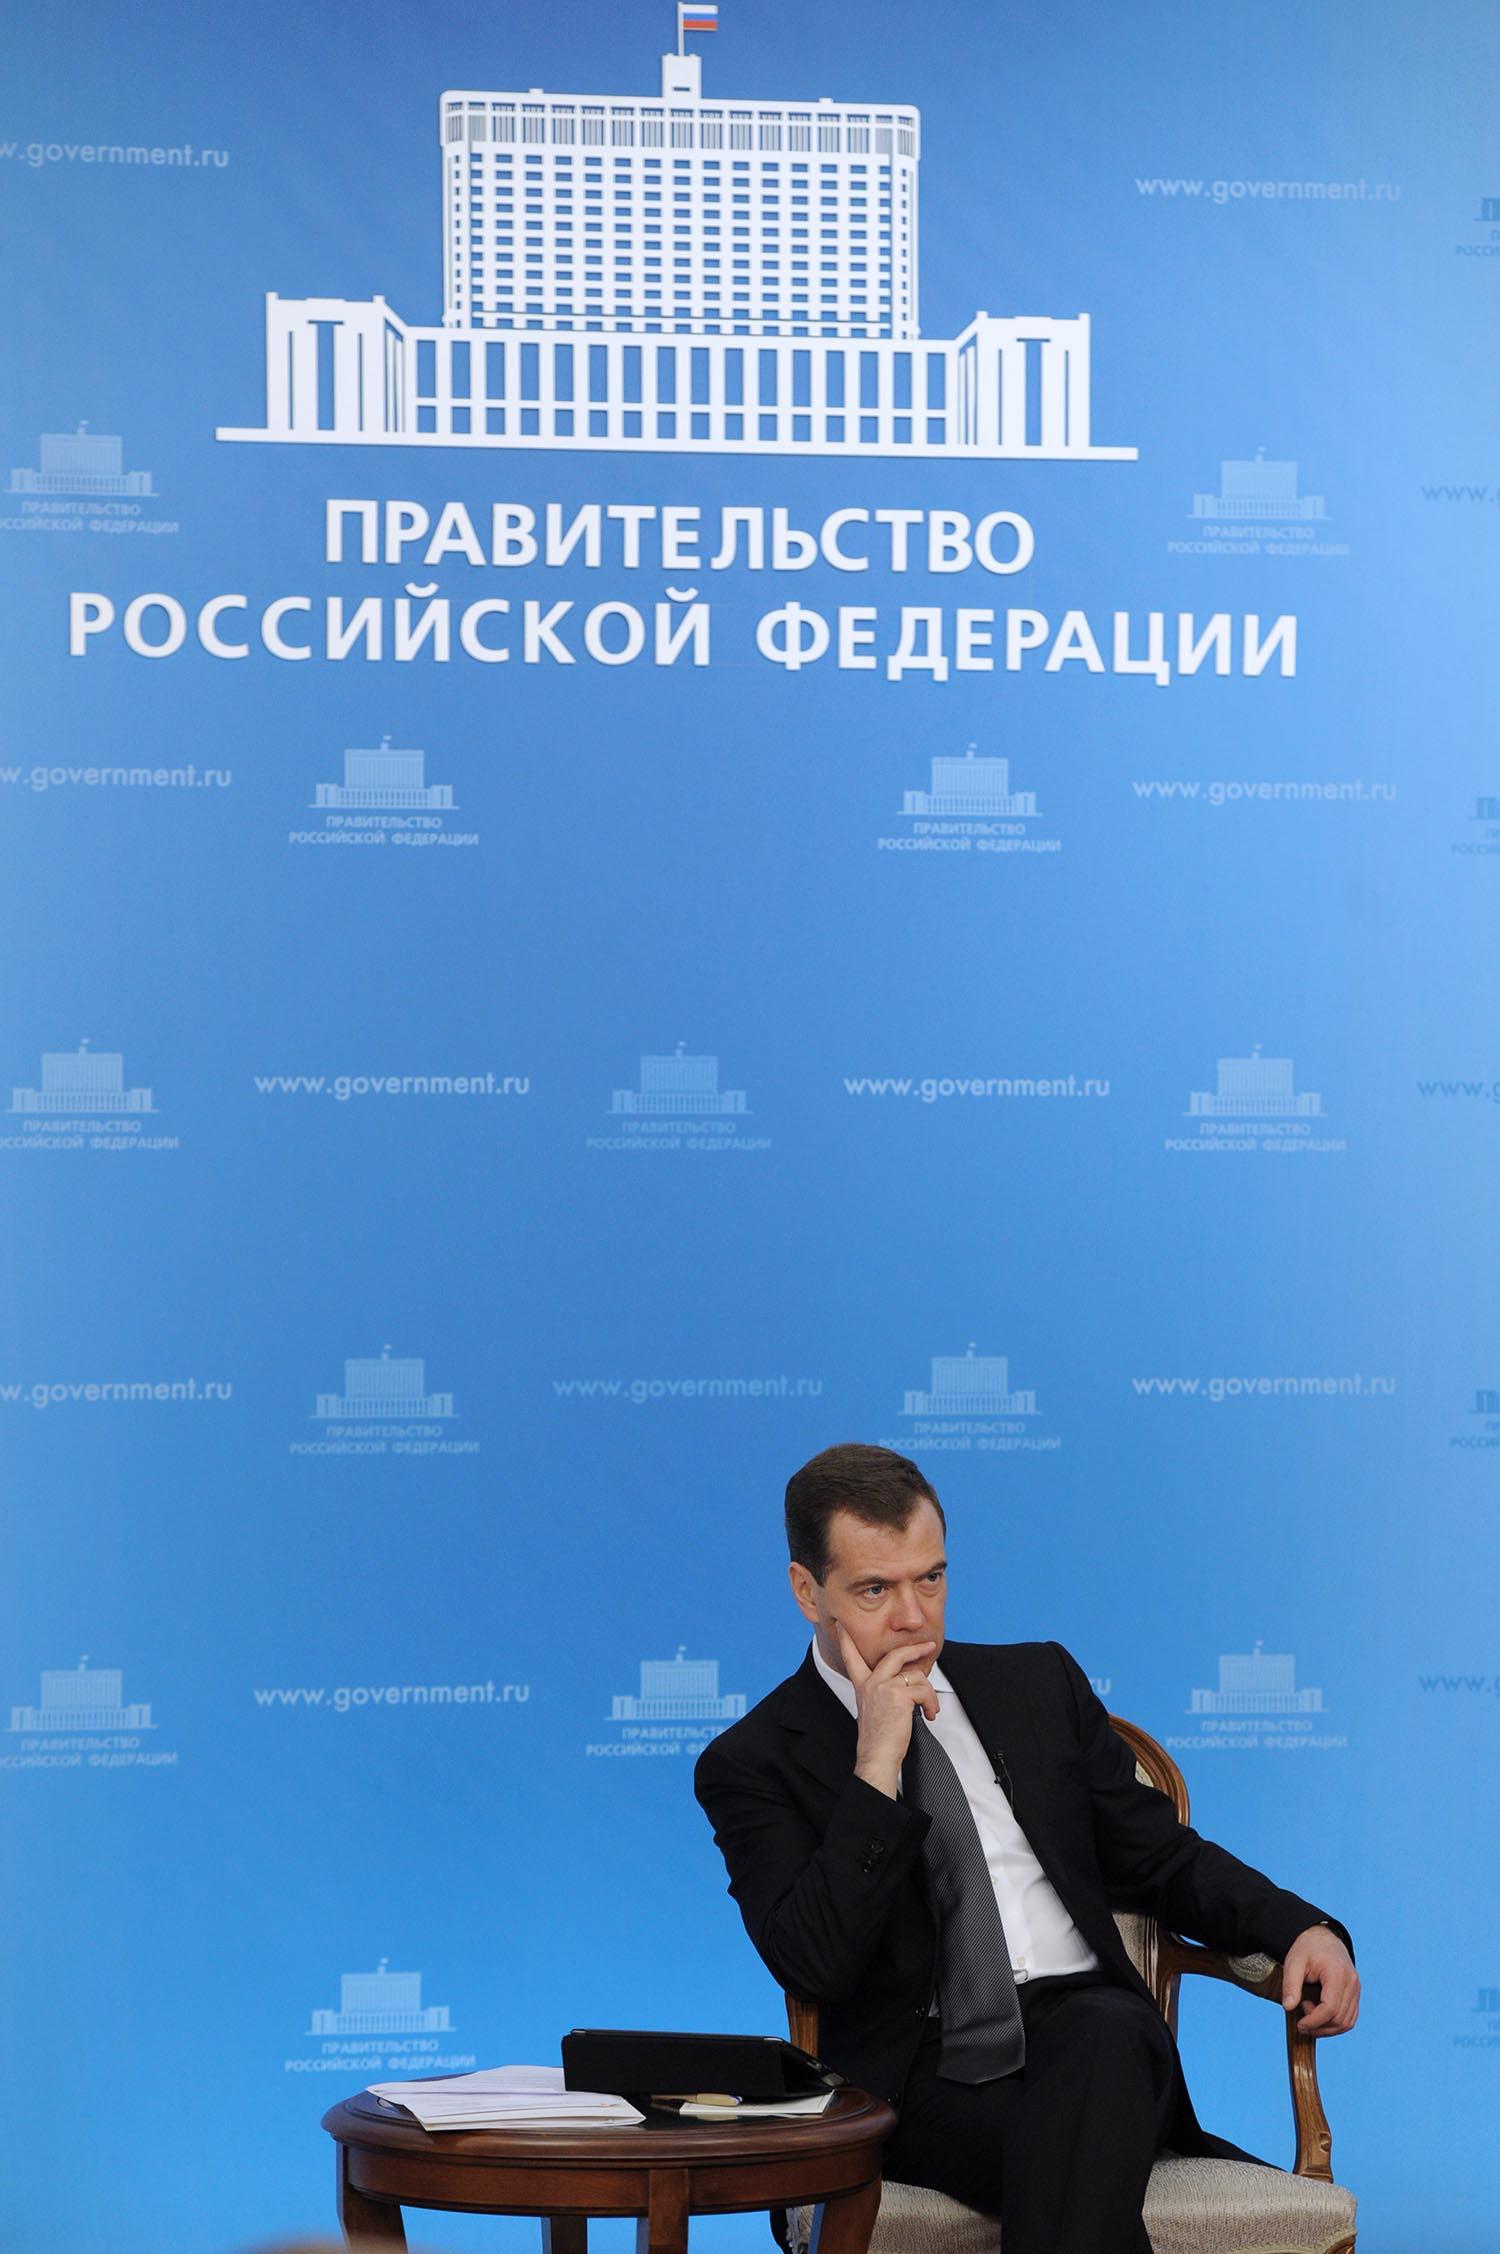 @RIA NOVOSTI / Yana Lapikova